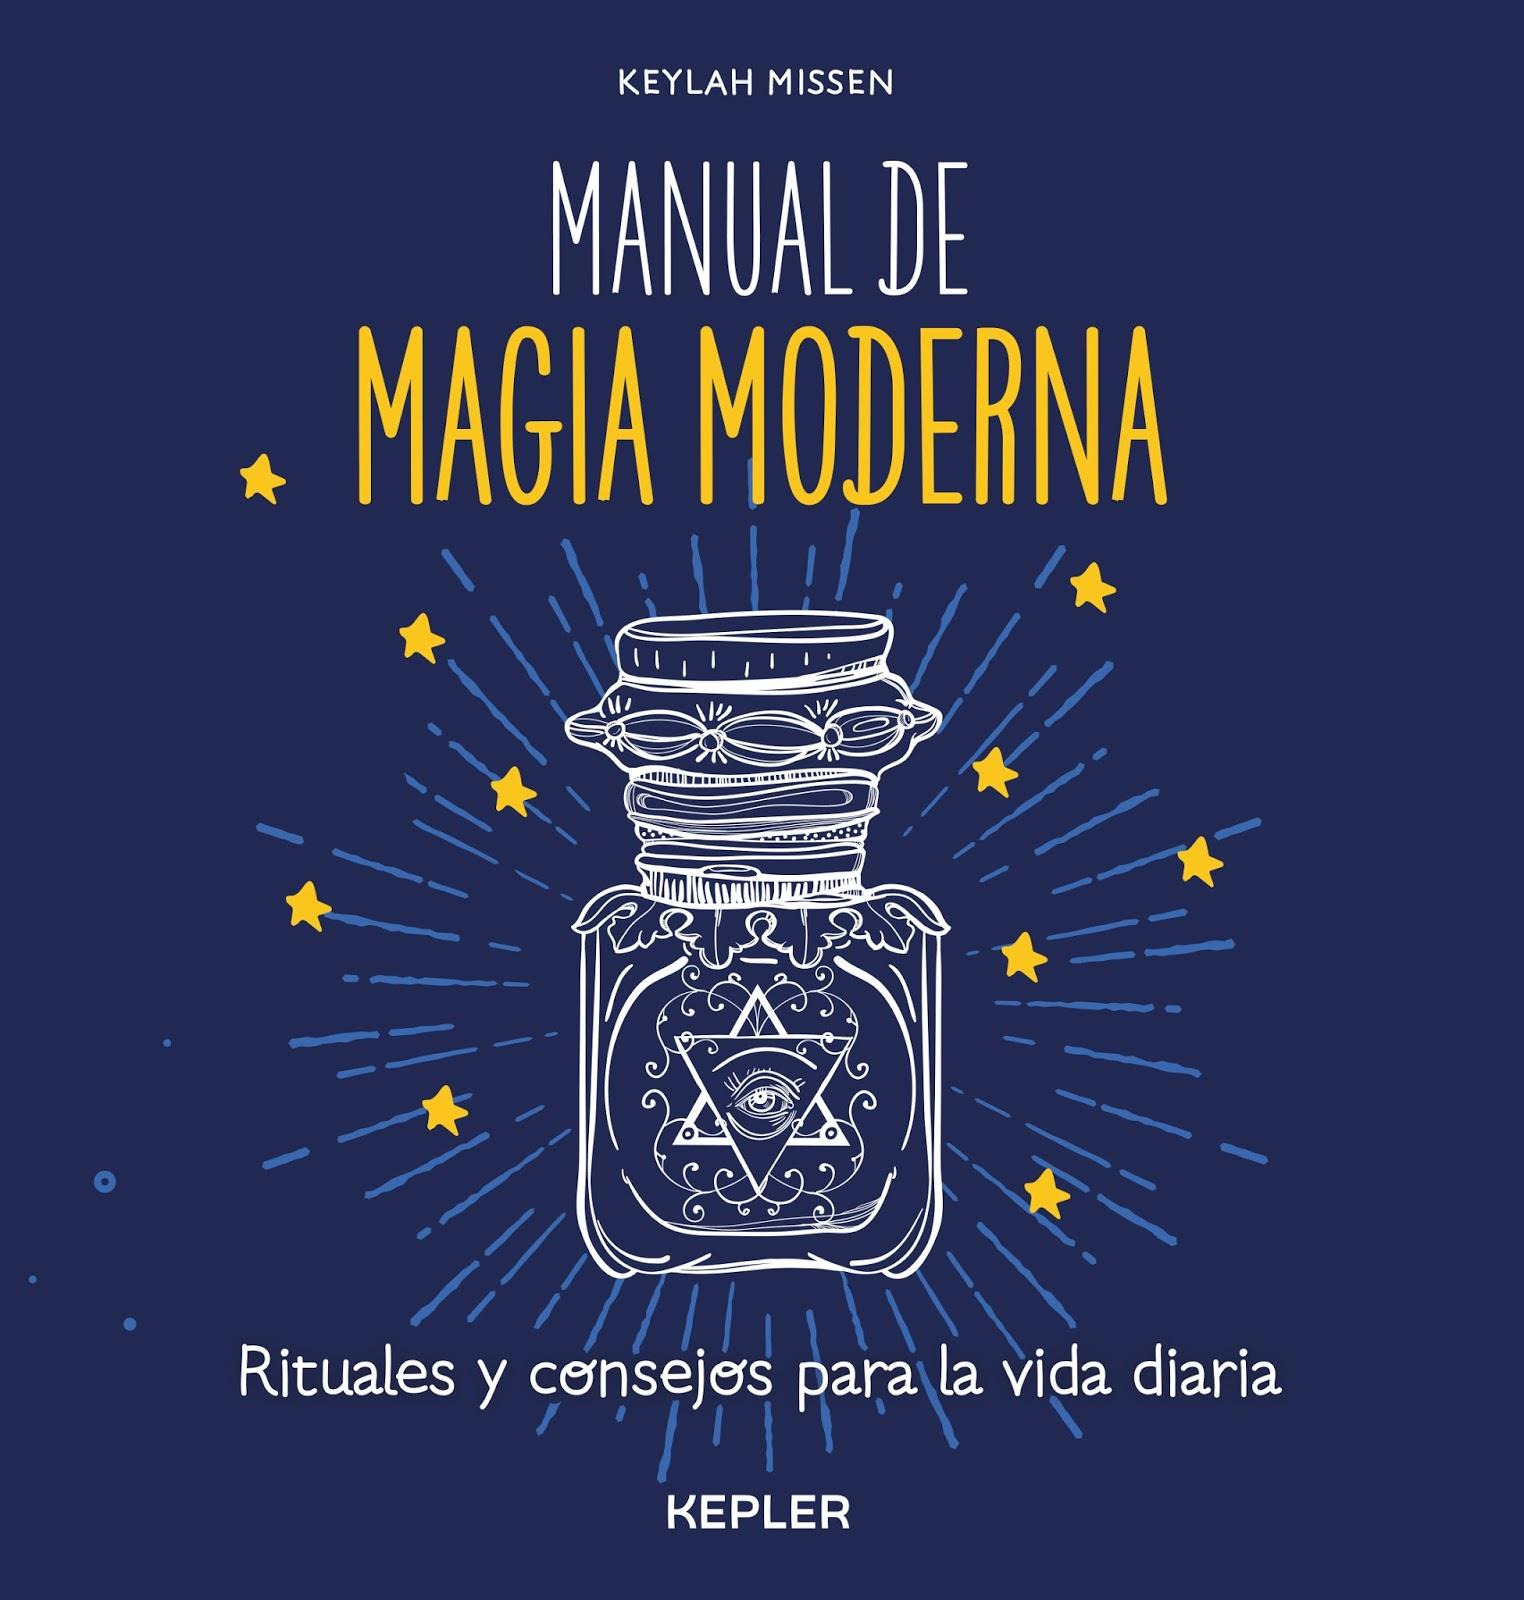 manual de magia moderna keylah missen pdf gratis